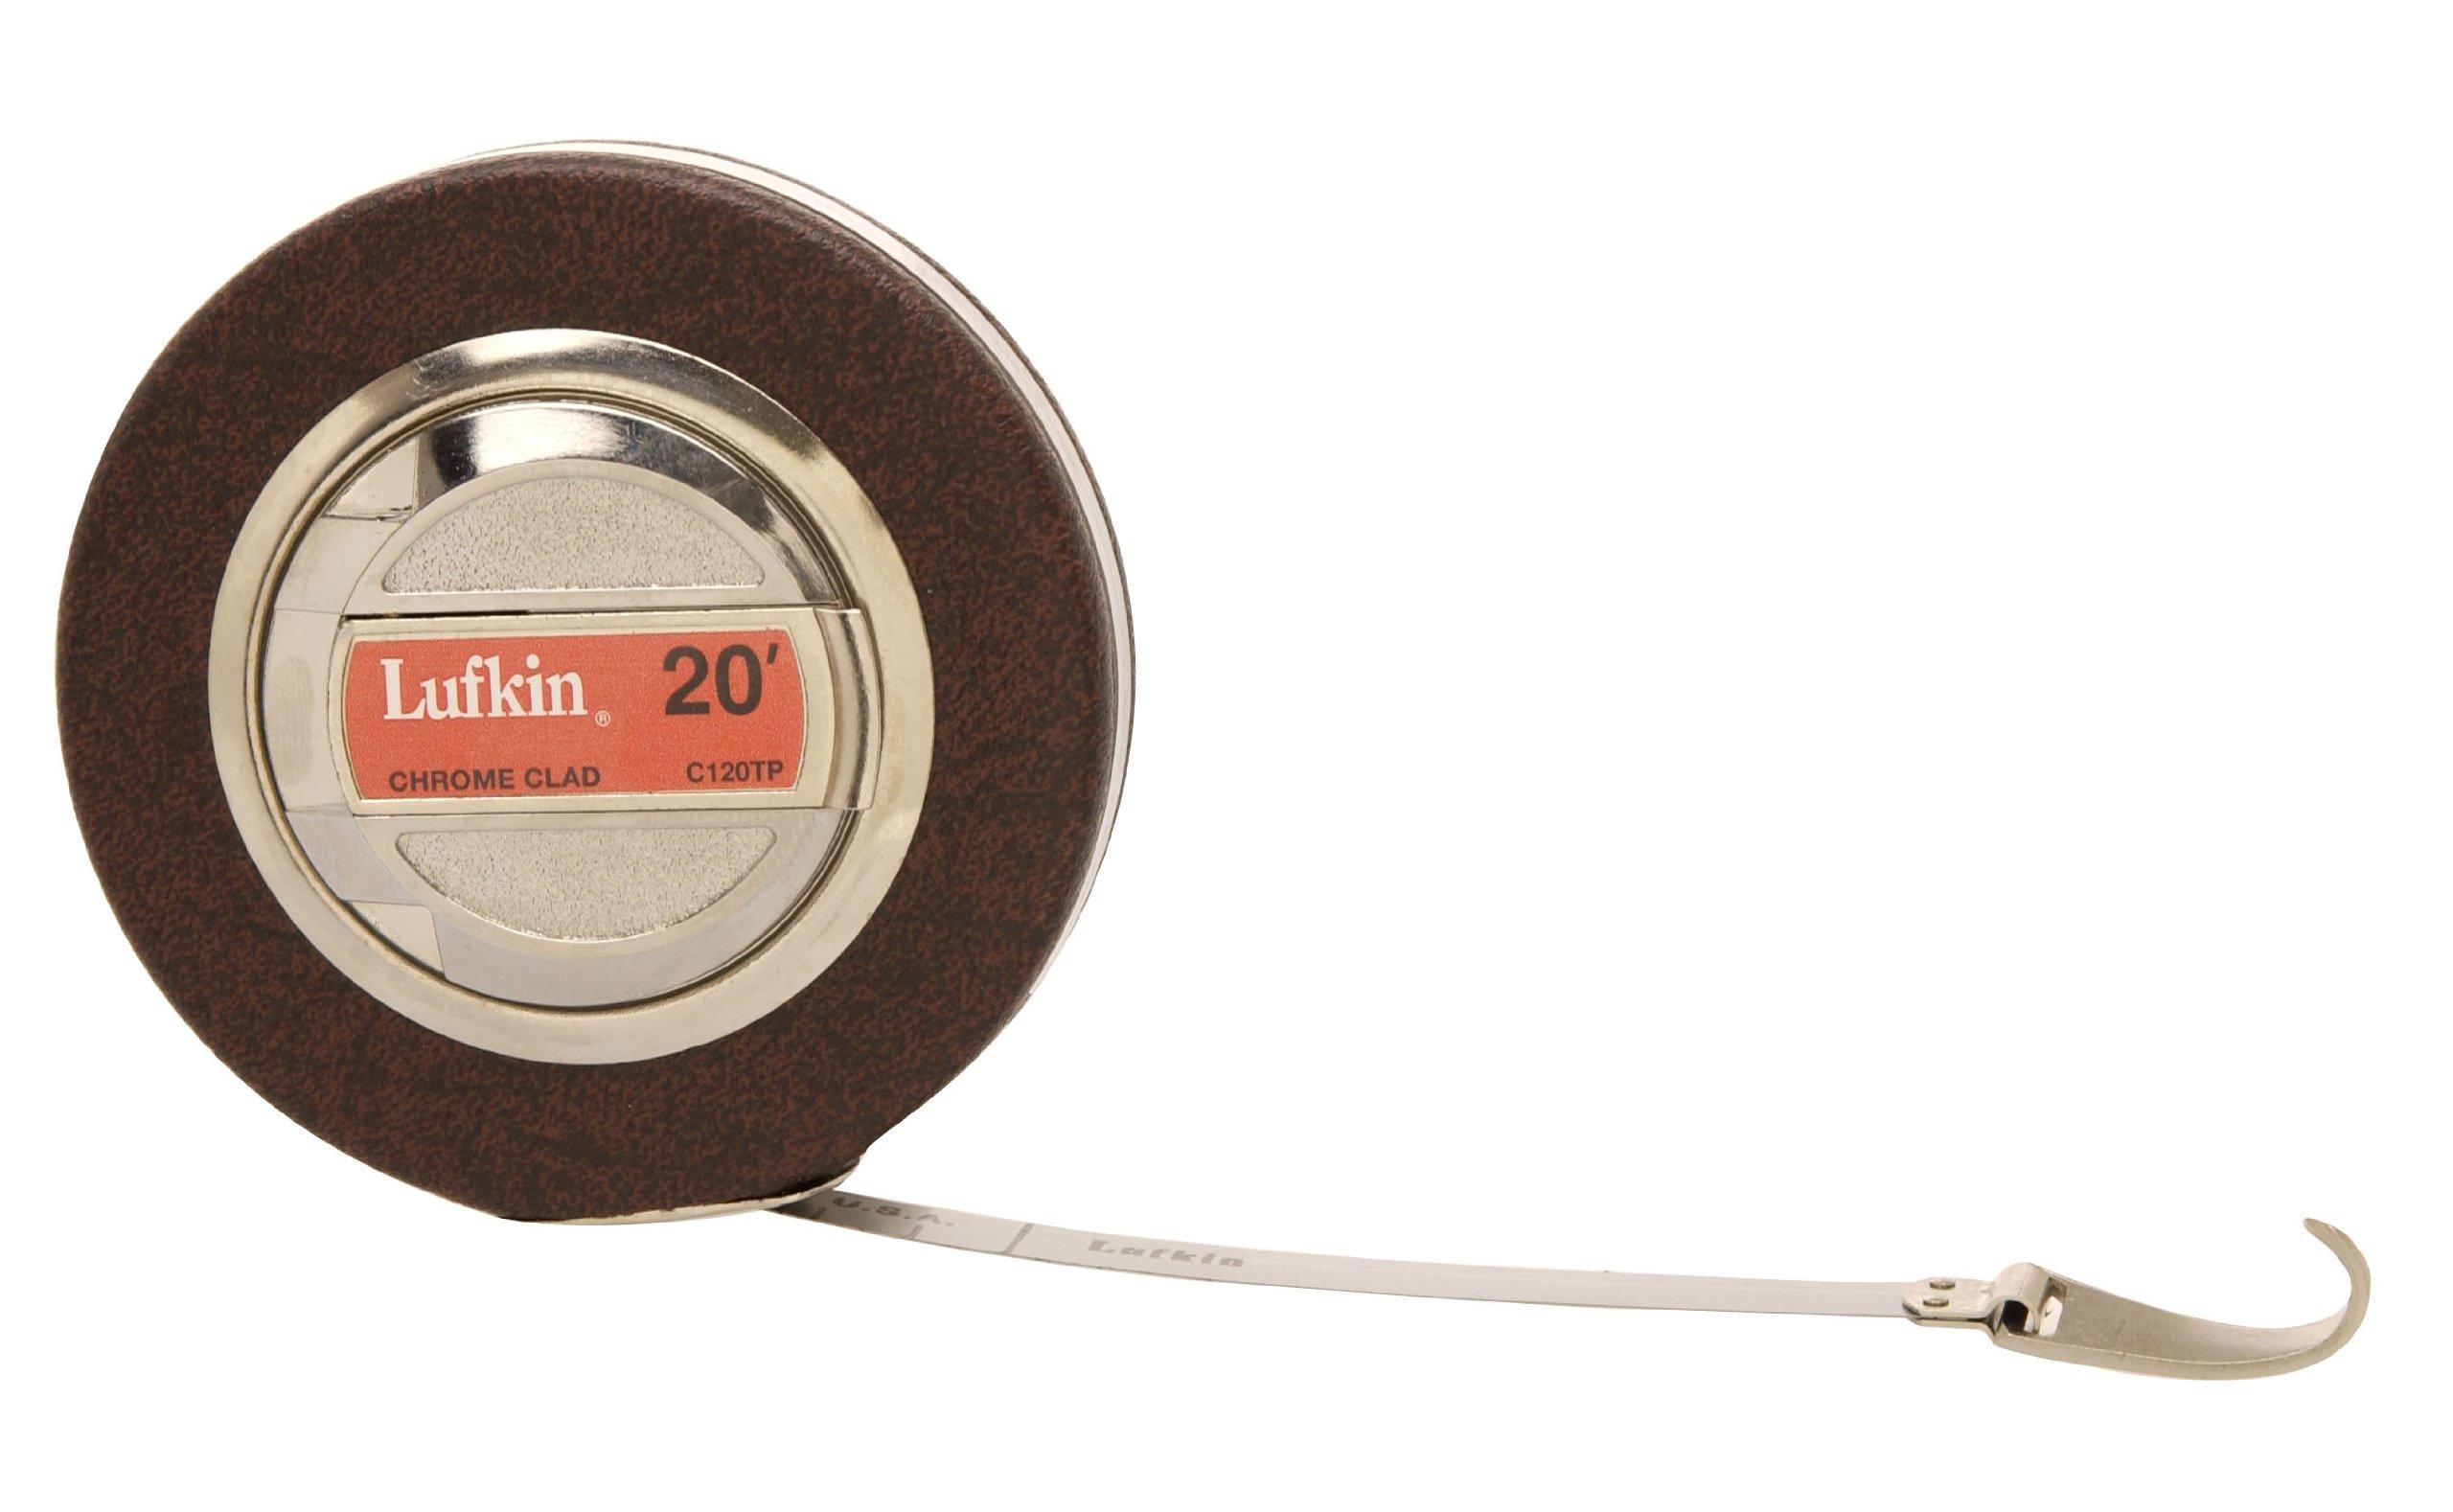 Lufkin C120TP - Artisan Diameter and Tree Tape